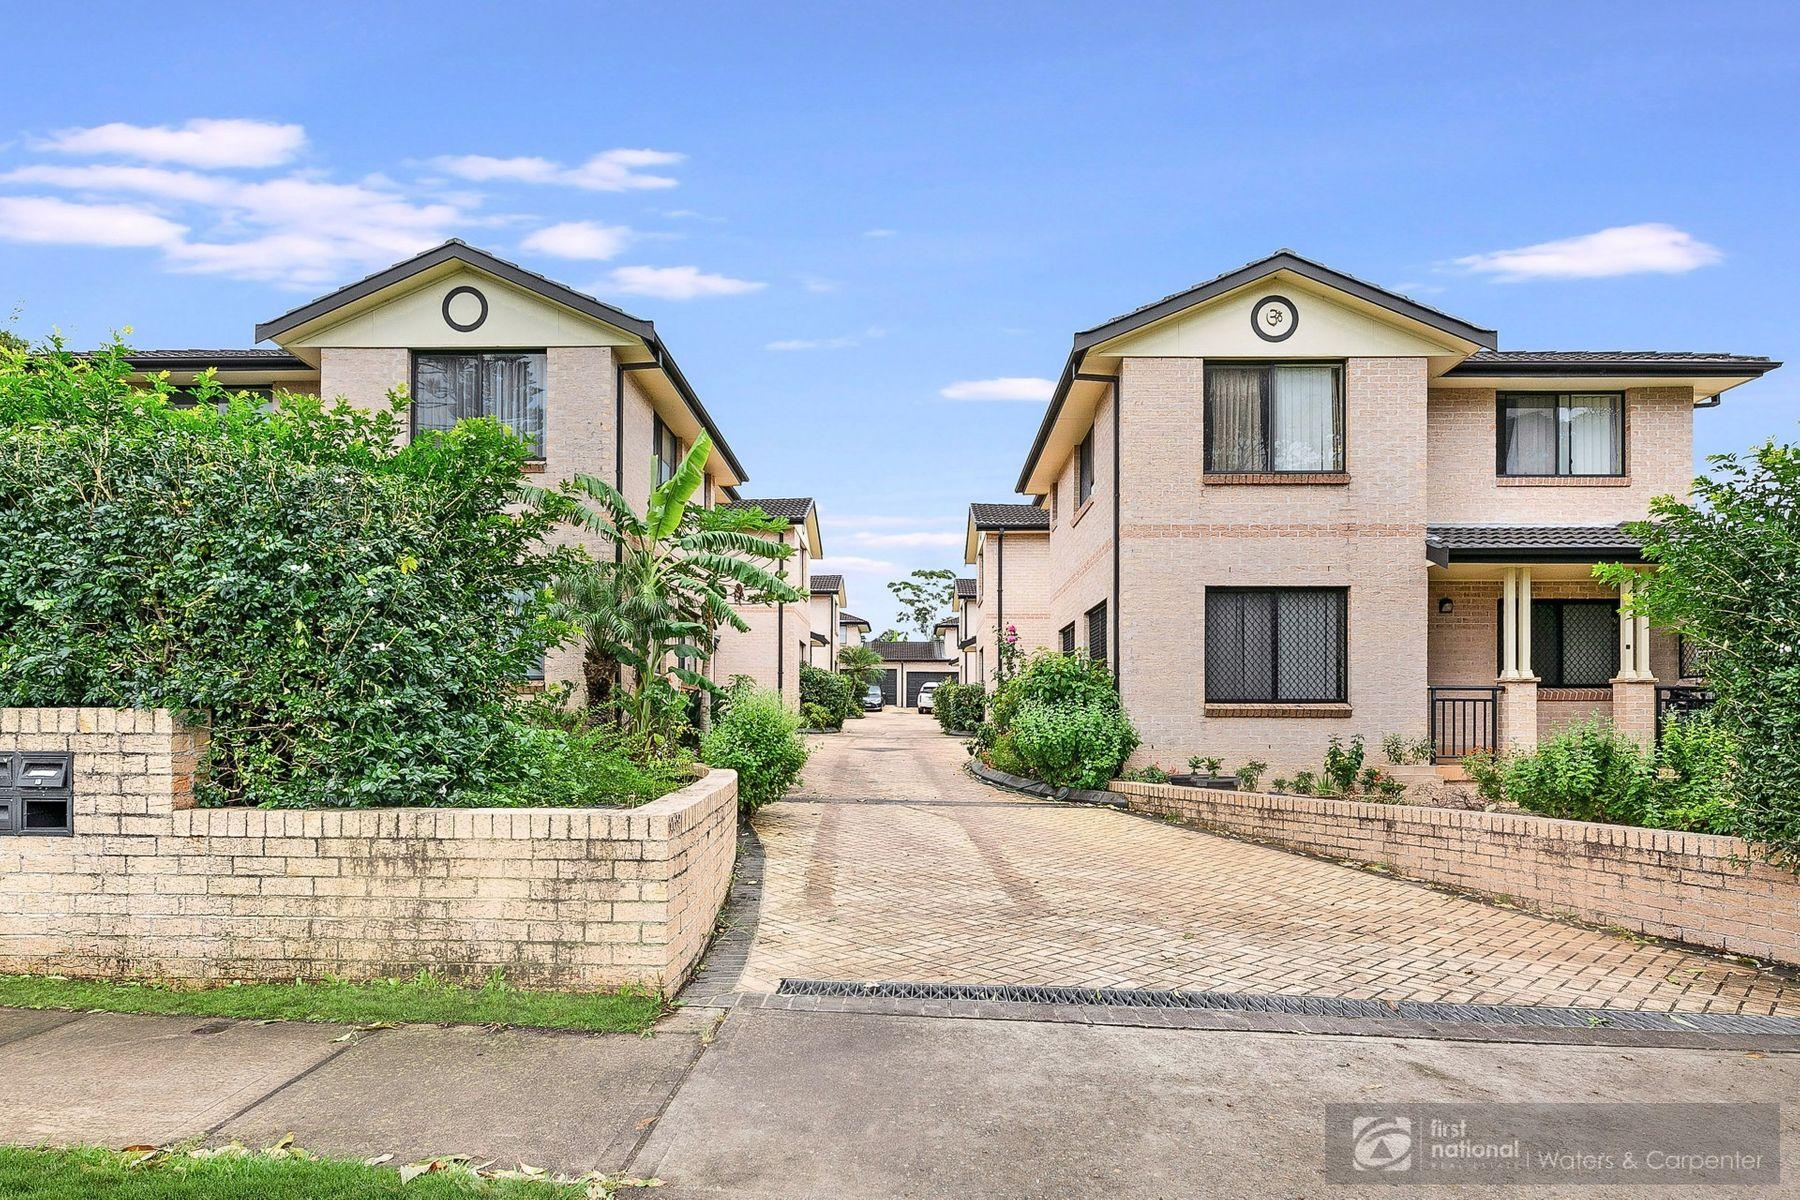 1/117 John Street, Merrylands, NSW 2160